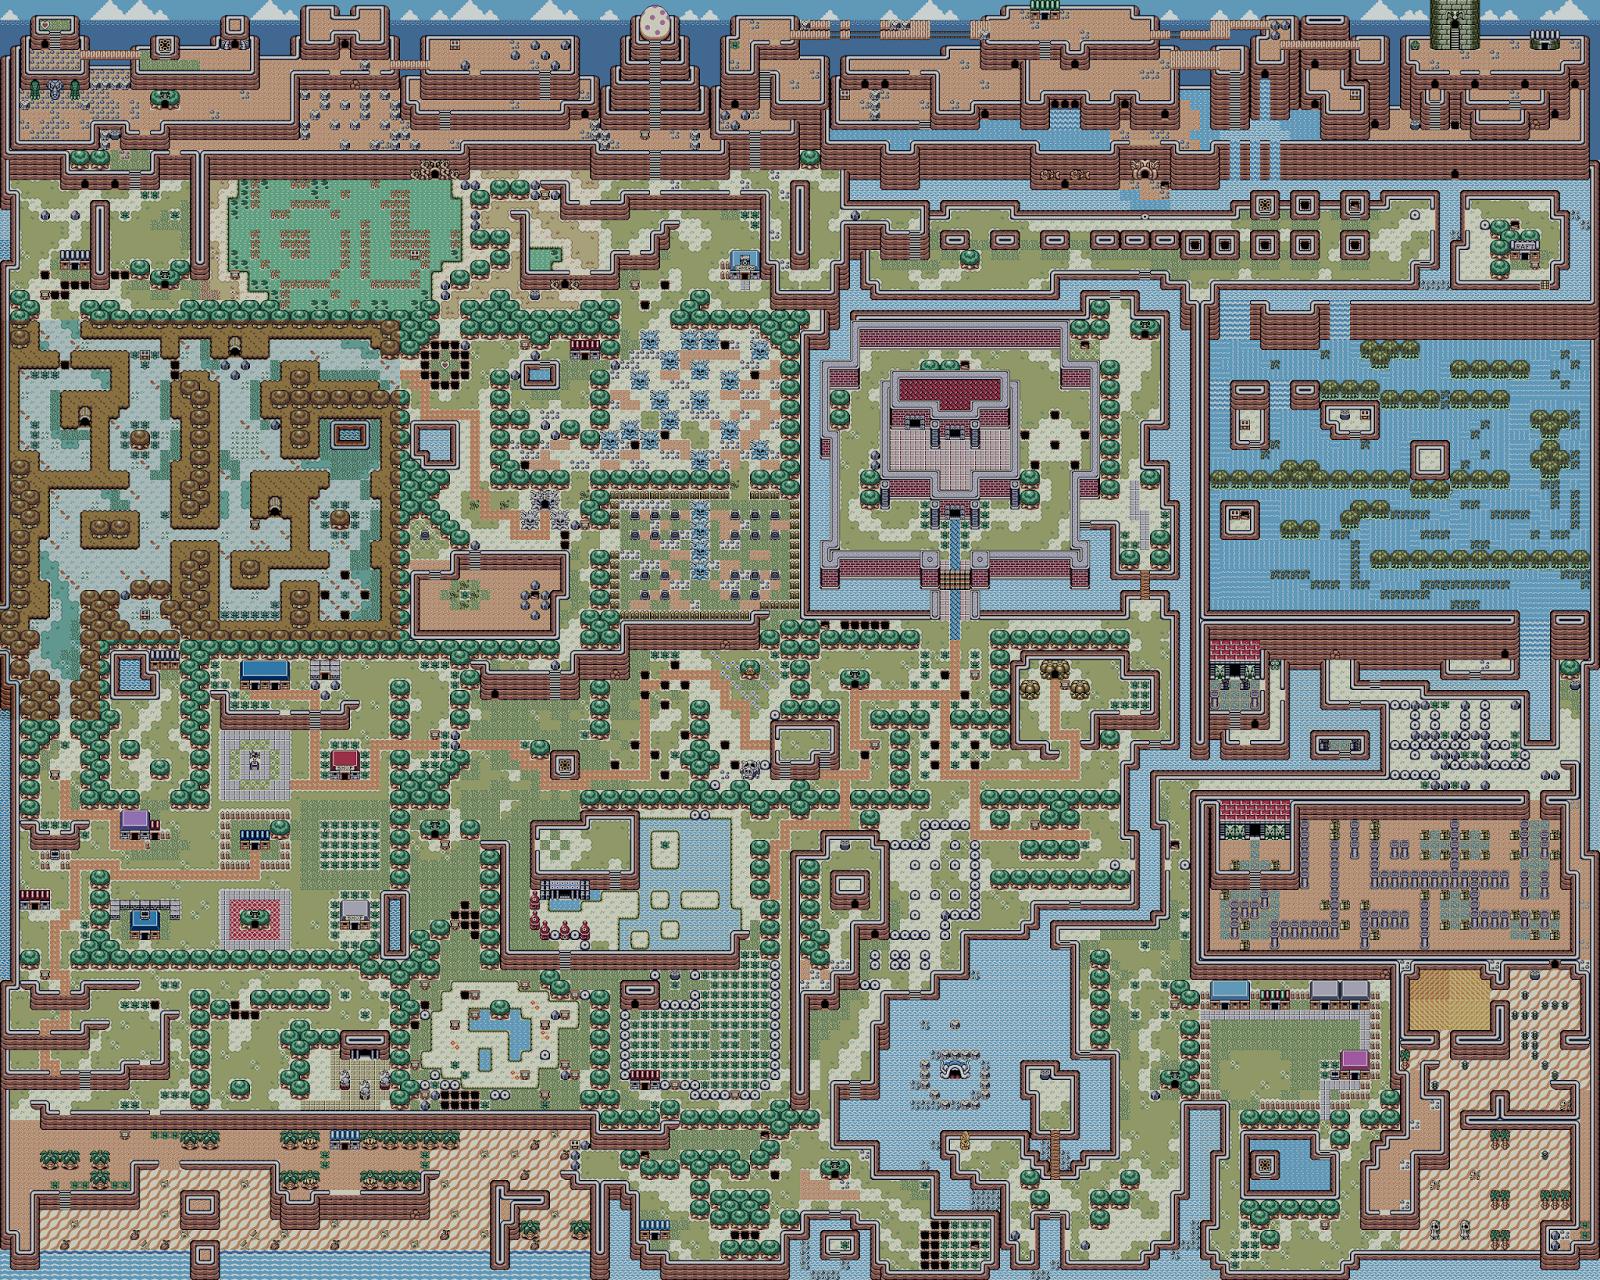 Hyrule Blog - The Zelda Blog: Hyrule Warriors Legends